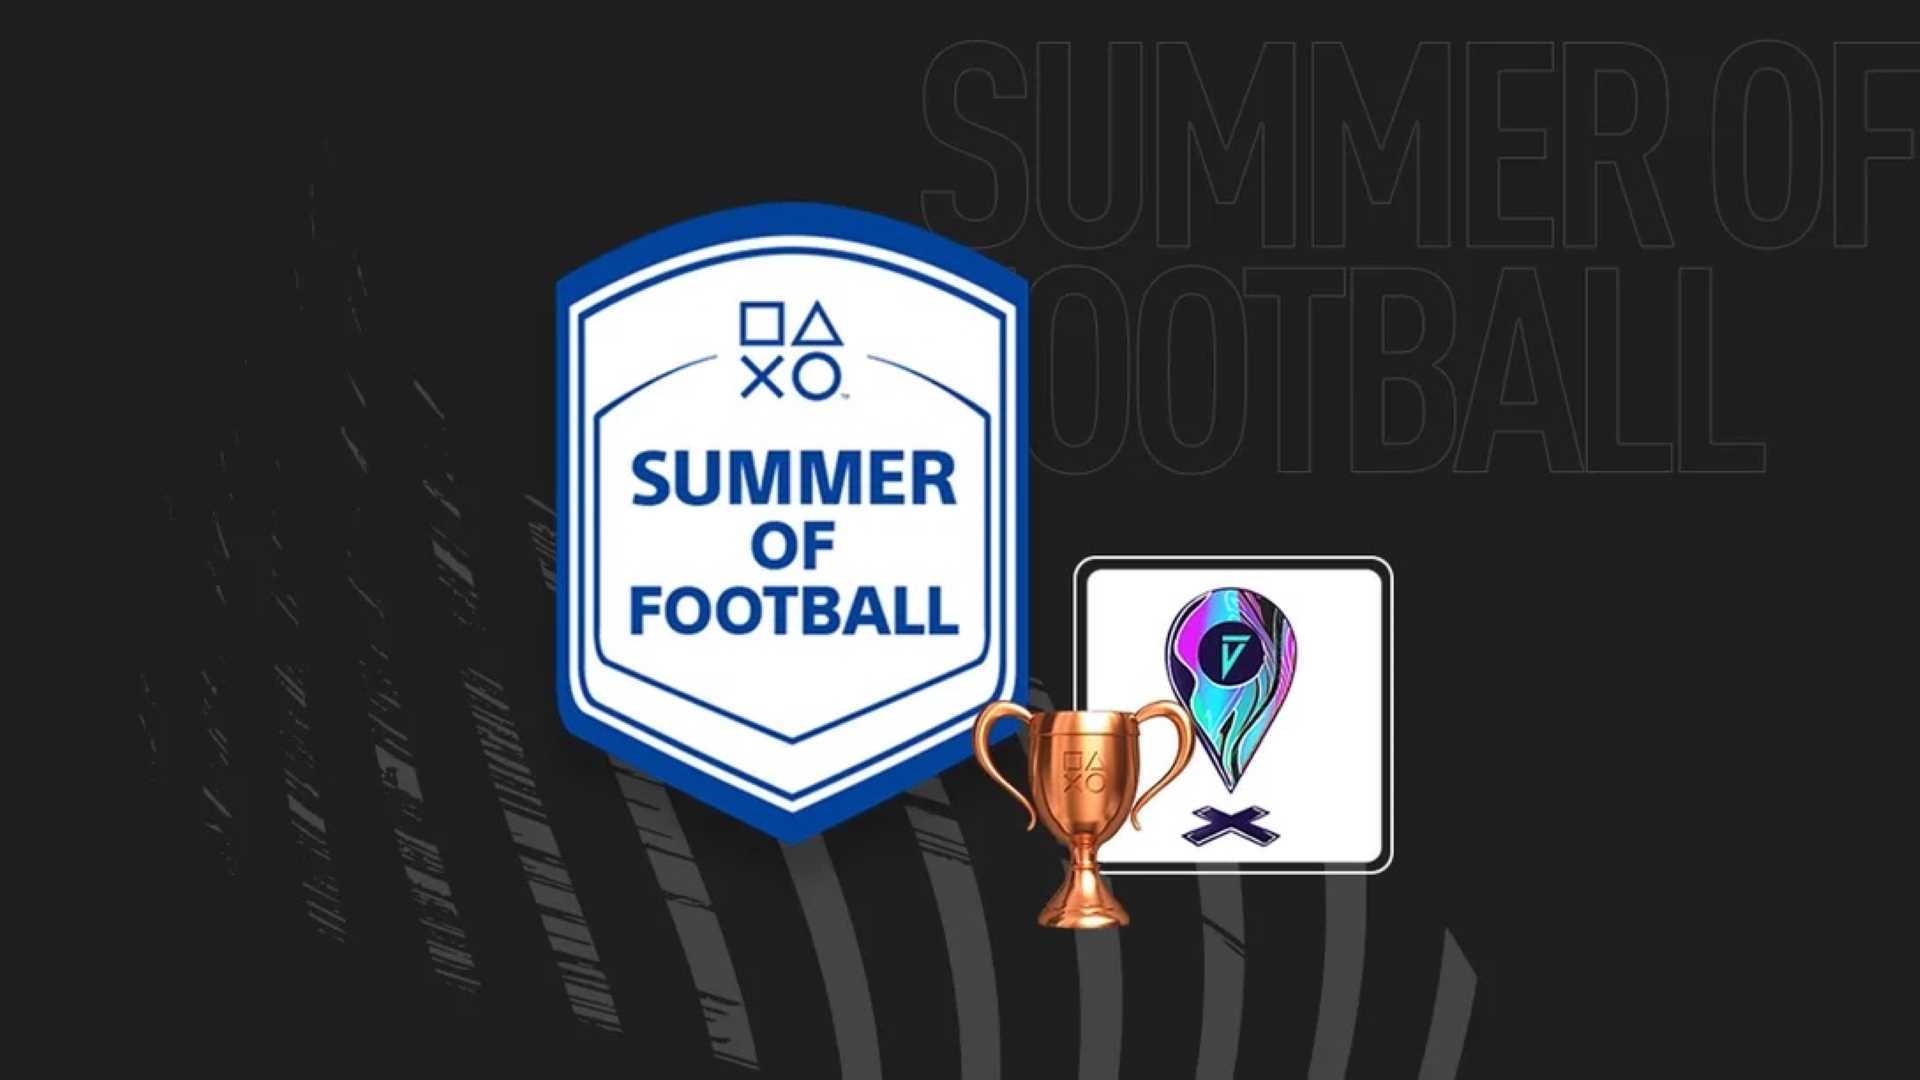 FIFA 21 Summer of Football - Key Art